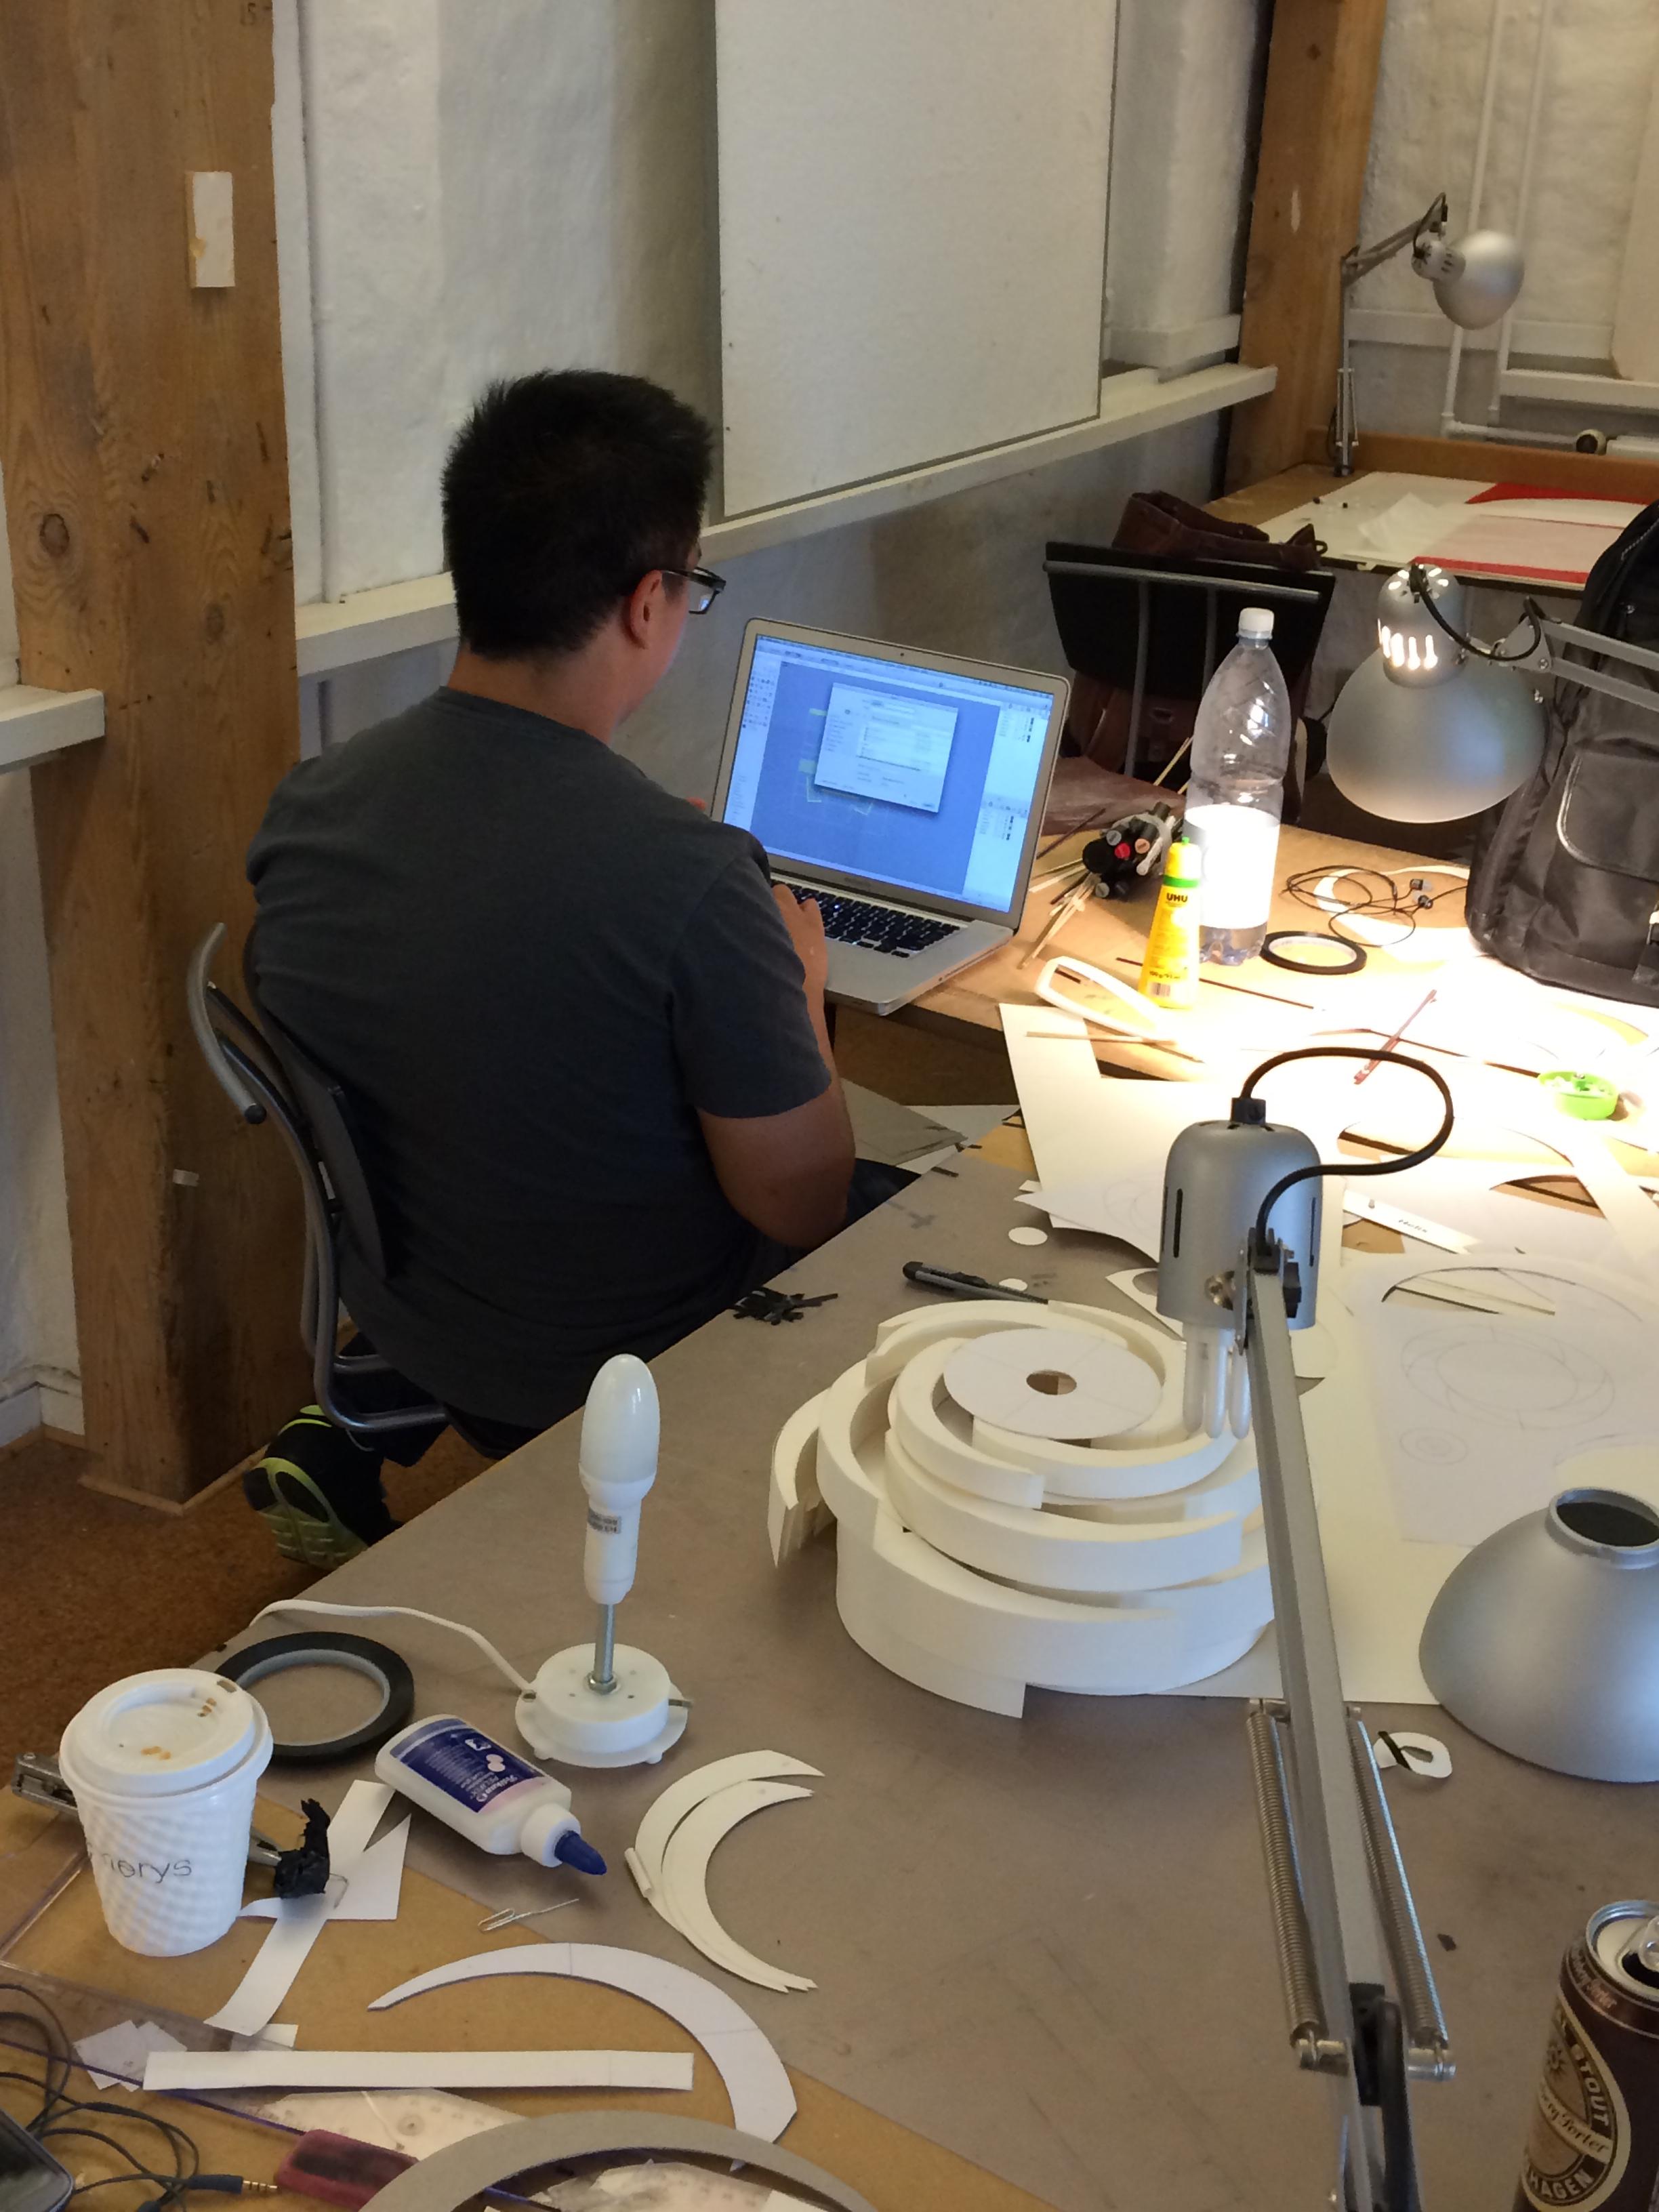 risd student working.jpg